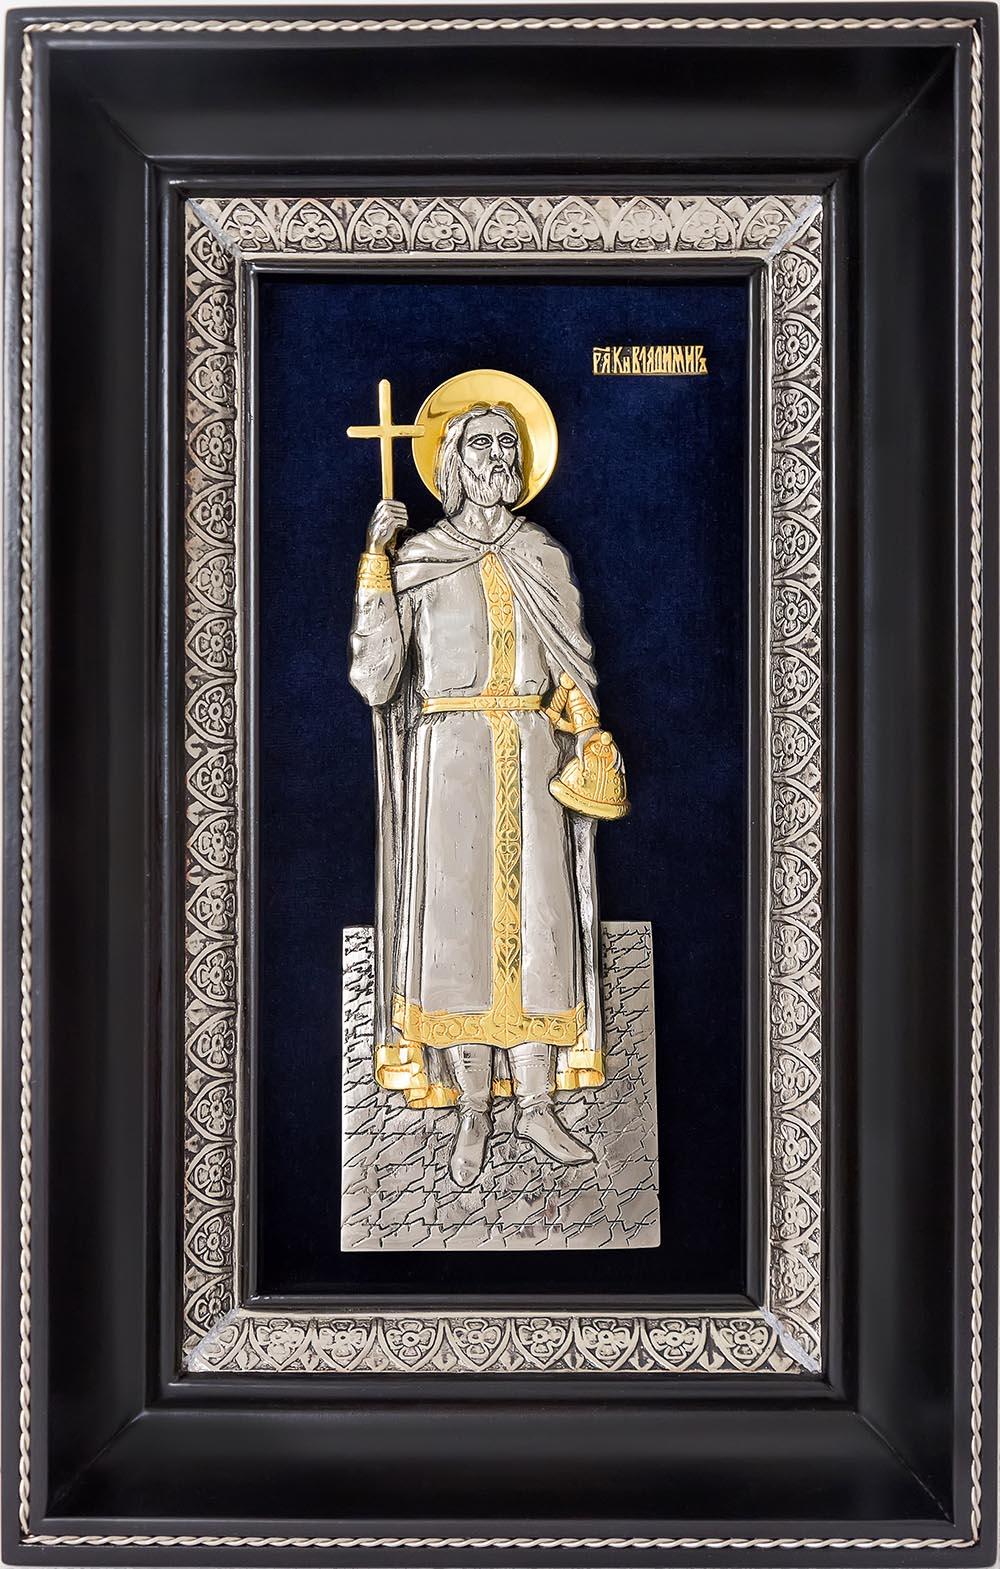 фото икона святого равноапостольного князя Владимира гальванопластика серебро золото деревянная рама